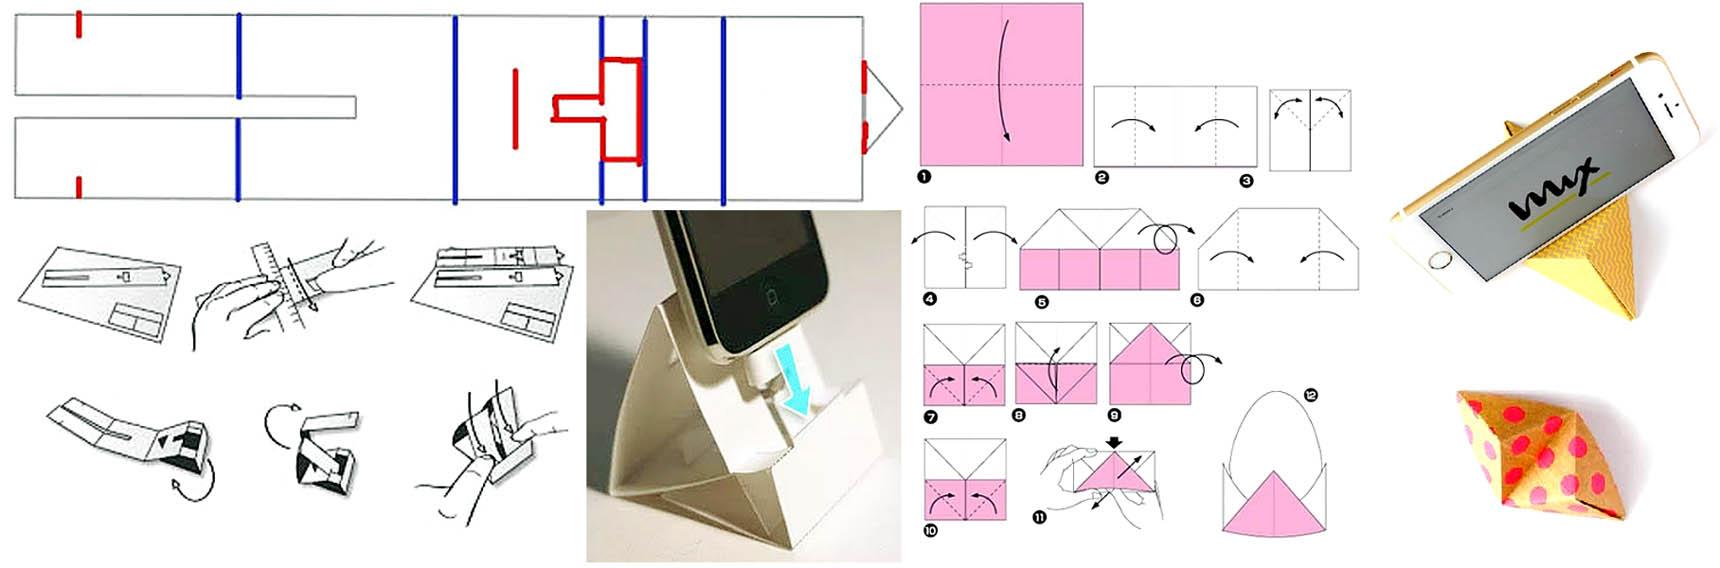 Способы изготовления подставок под телефоны из бумаги